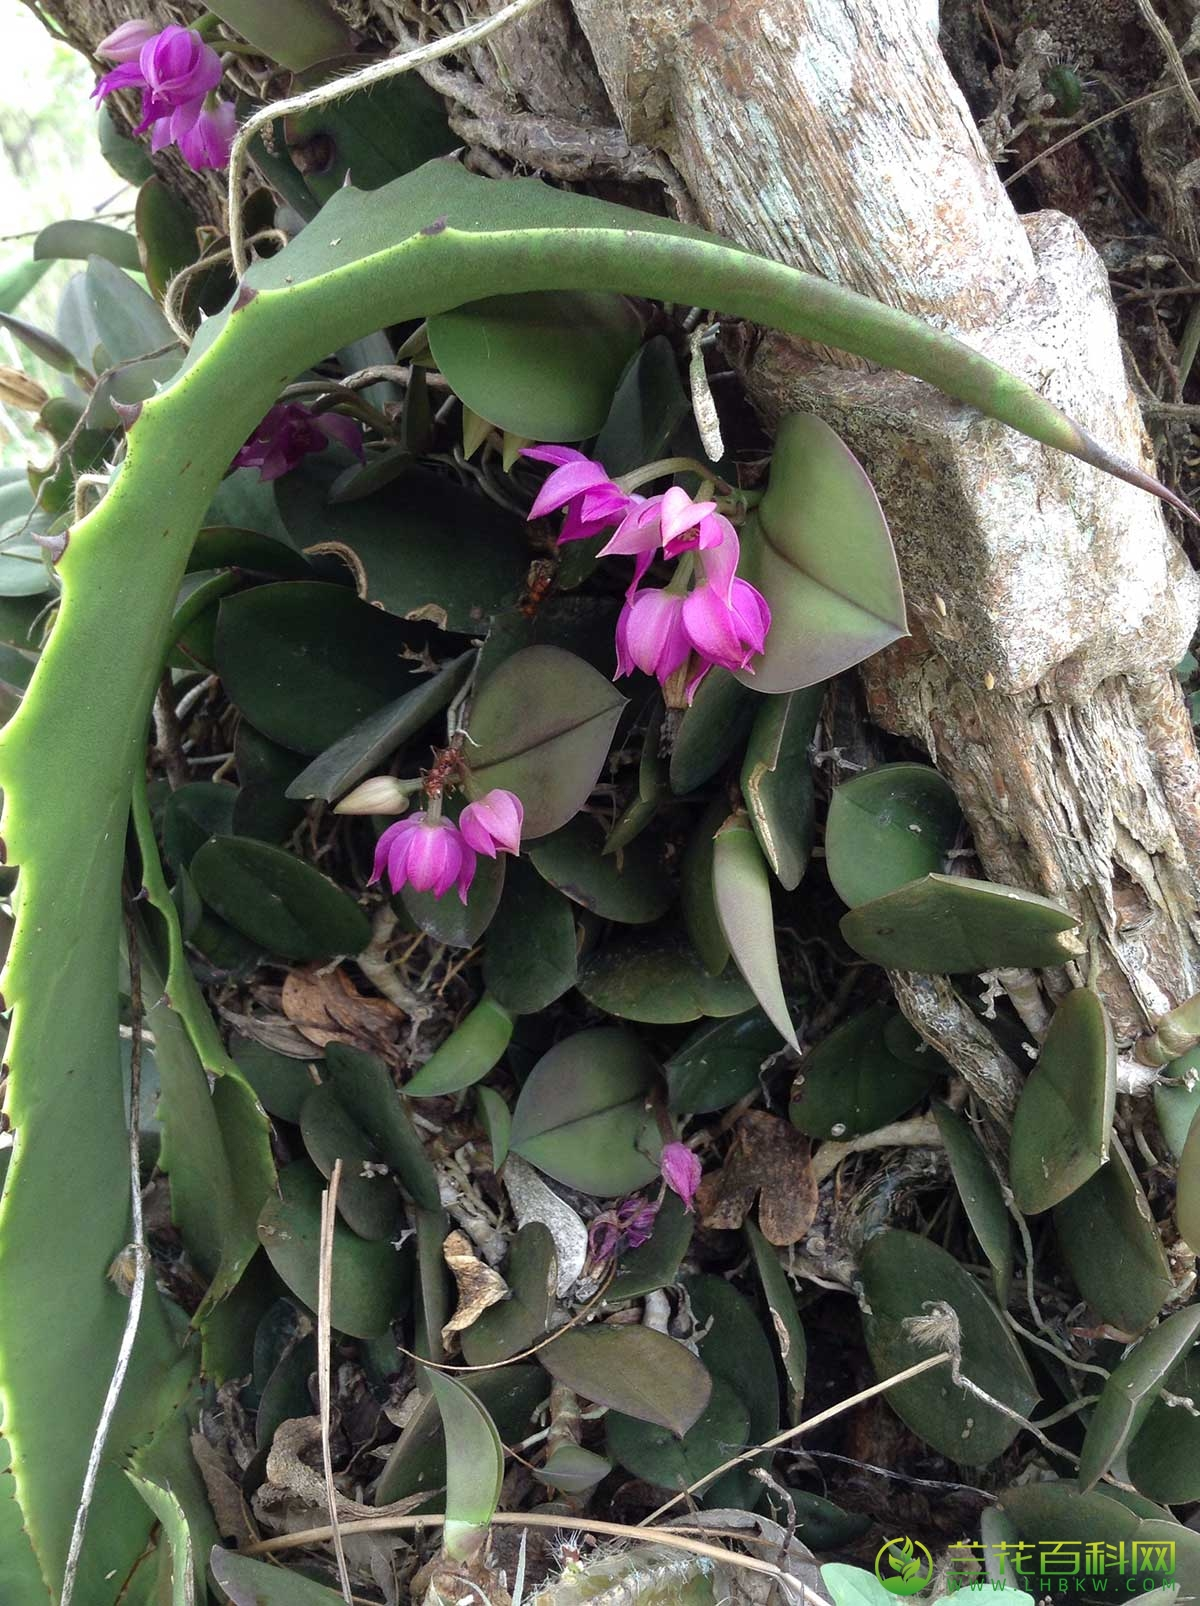 伏兰Meiracyllium trinasutum Rchb.f.